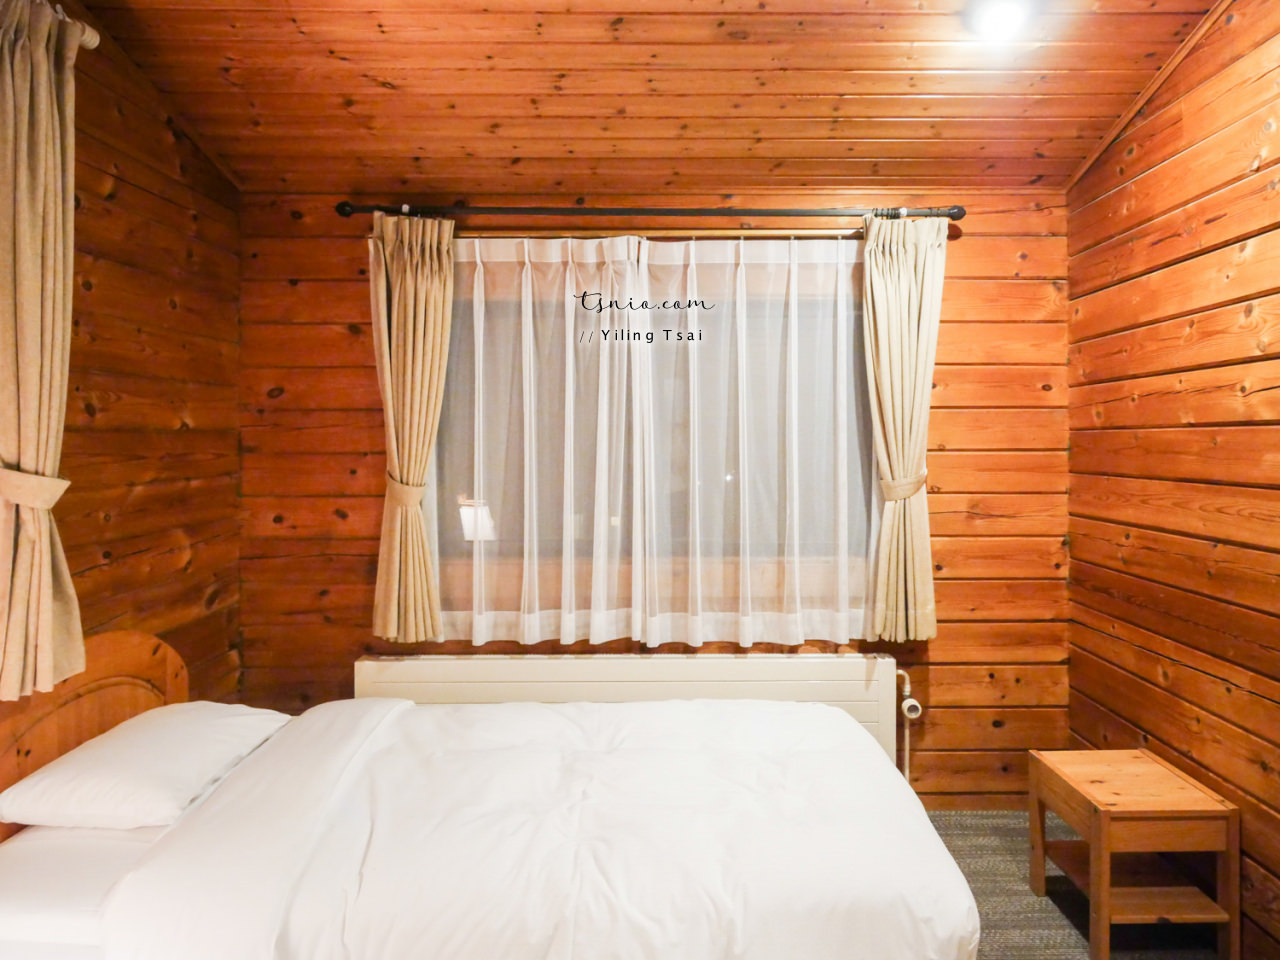 日本輕井澤住宿推薦 輕井澤王子大飯店西館 森林中的小木屋